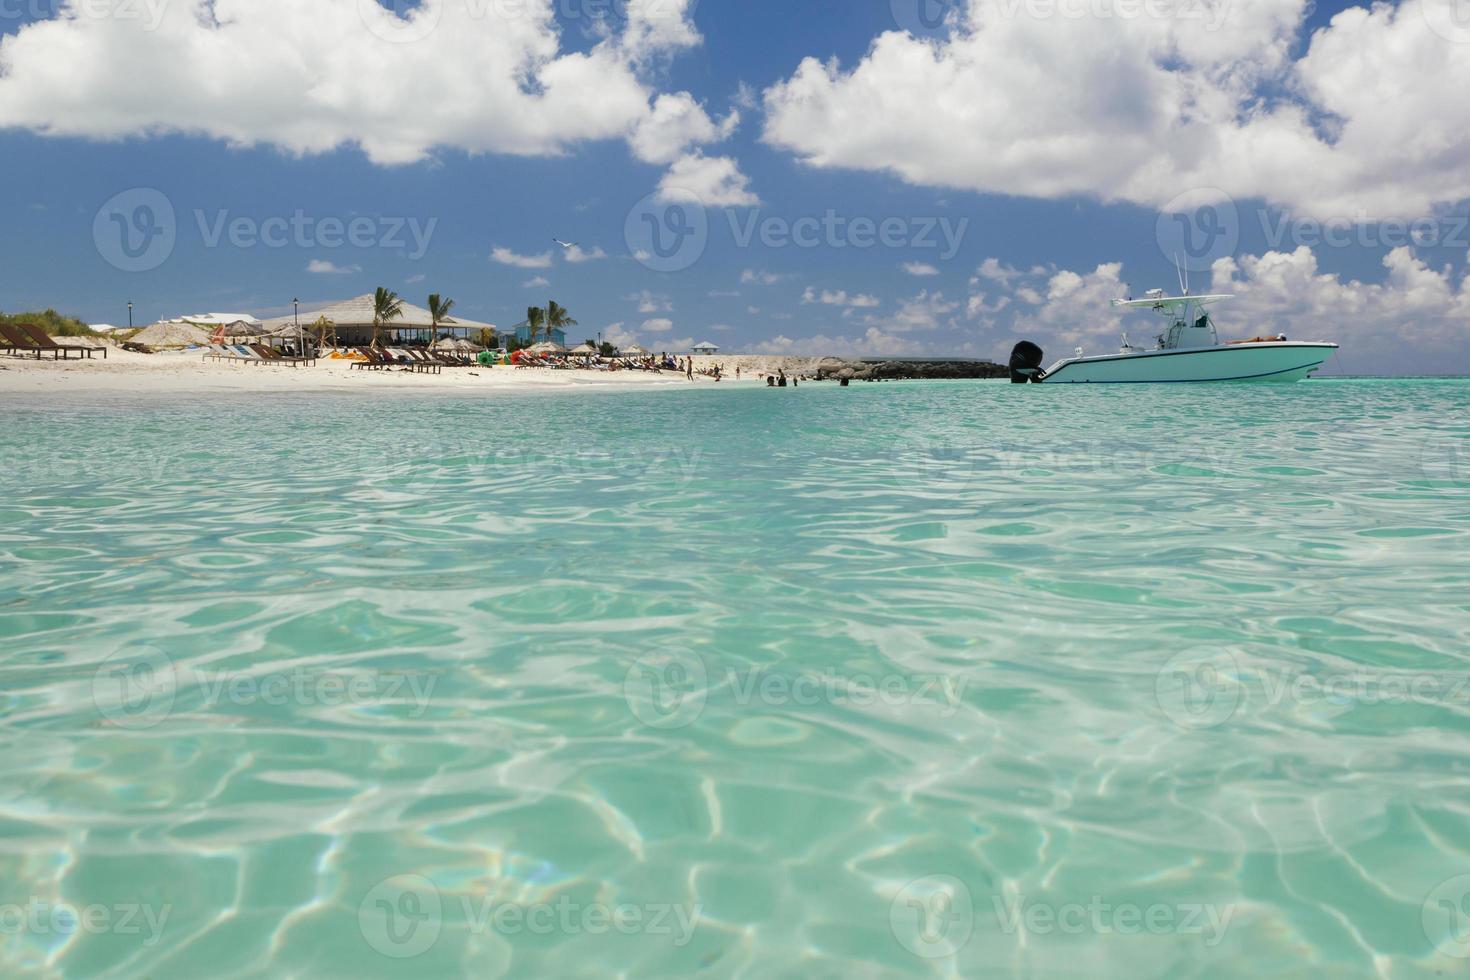 afbeelding van een zeilboot bij een strand. foto